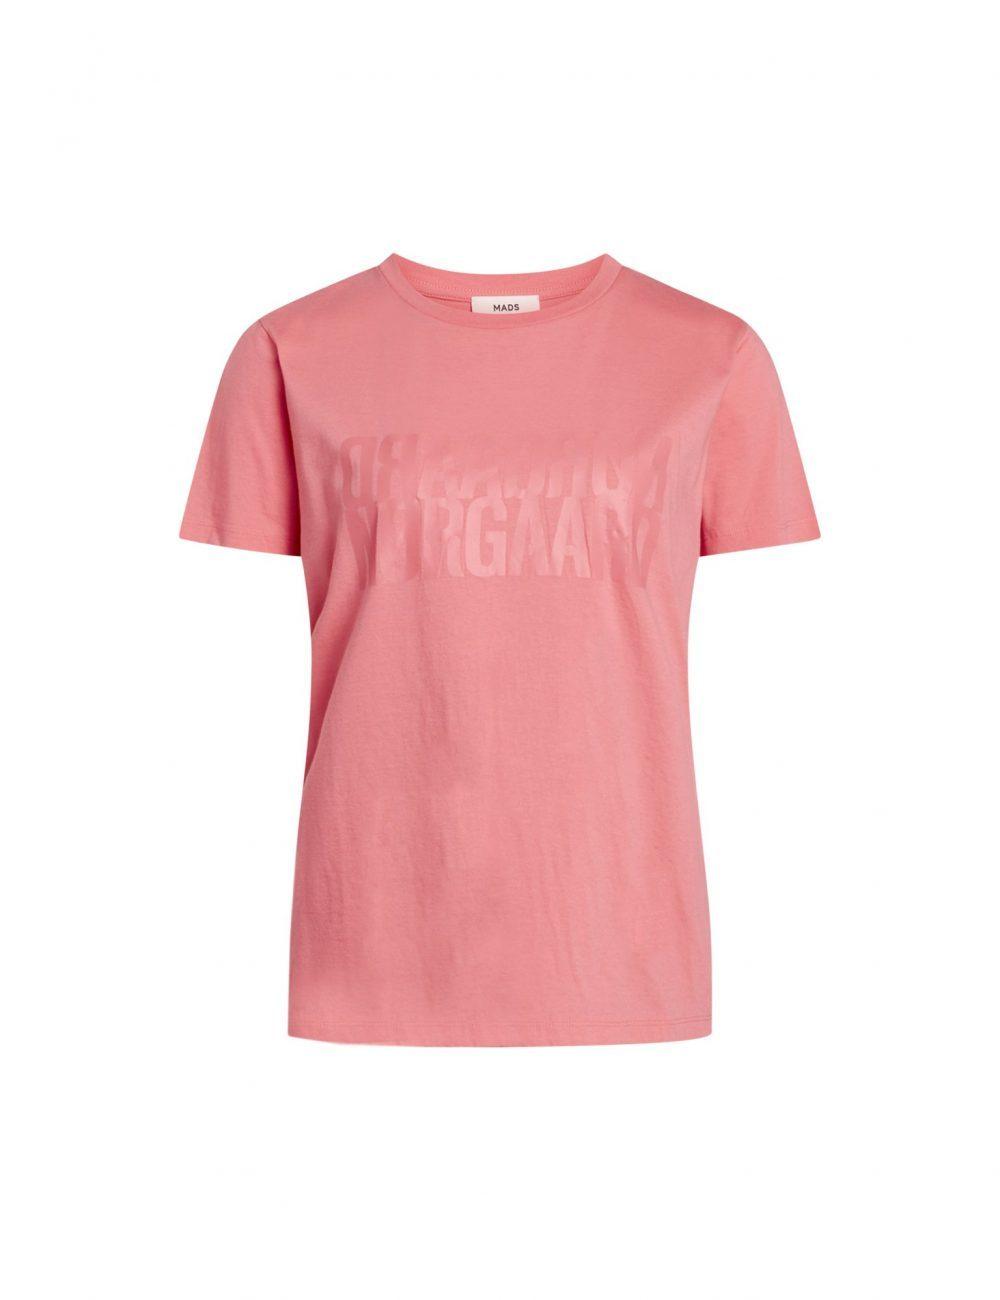 Trenda T-Shirt Strawberry Pink